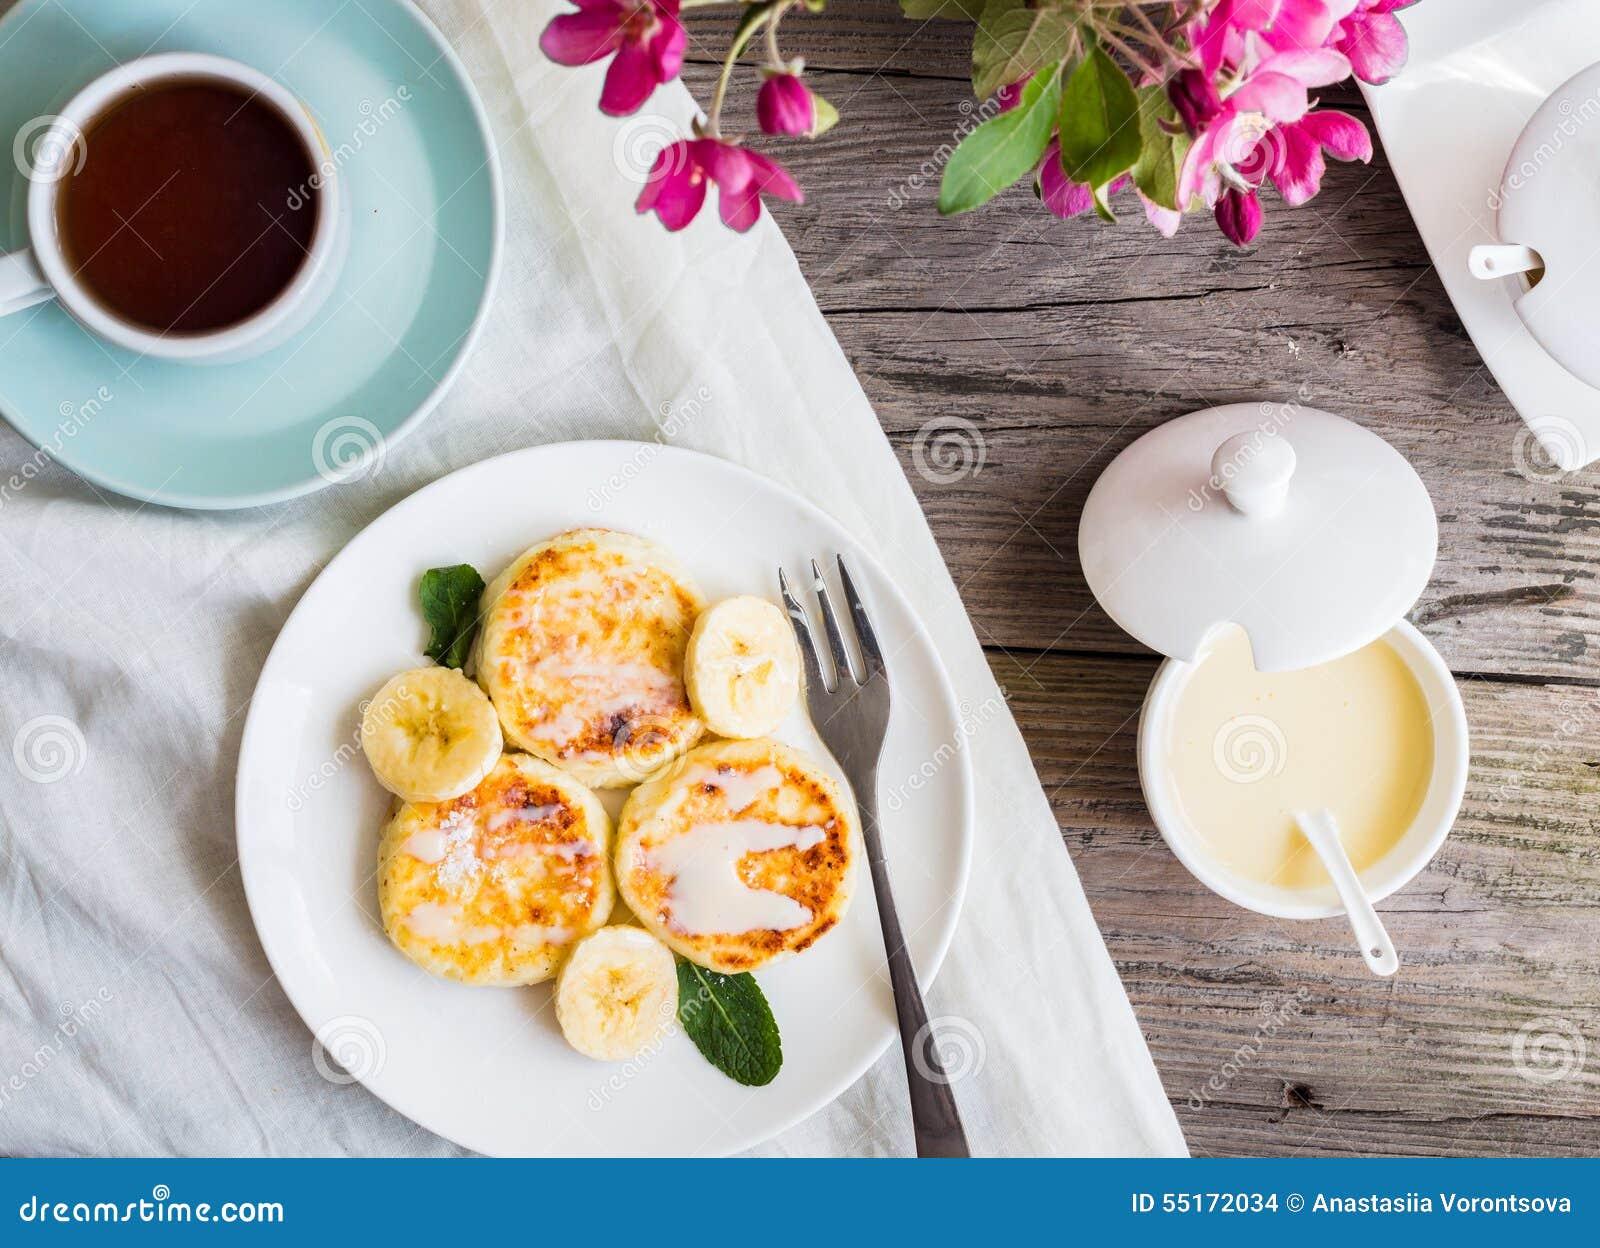 Panquecas caseiros do requeijão com banana, leite condensado, Br